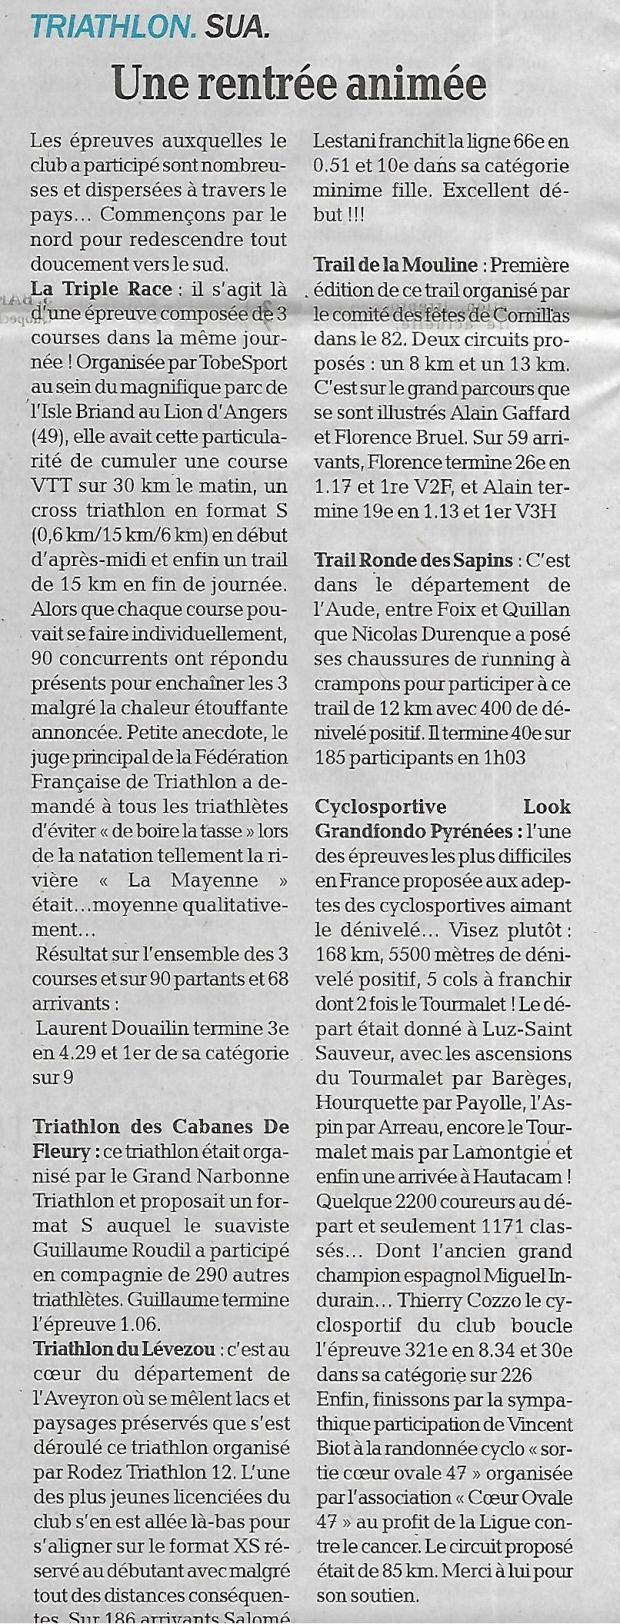 Le Petit Bleu du 06 septembre 201700030002